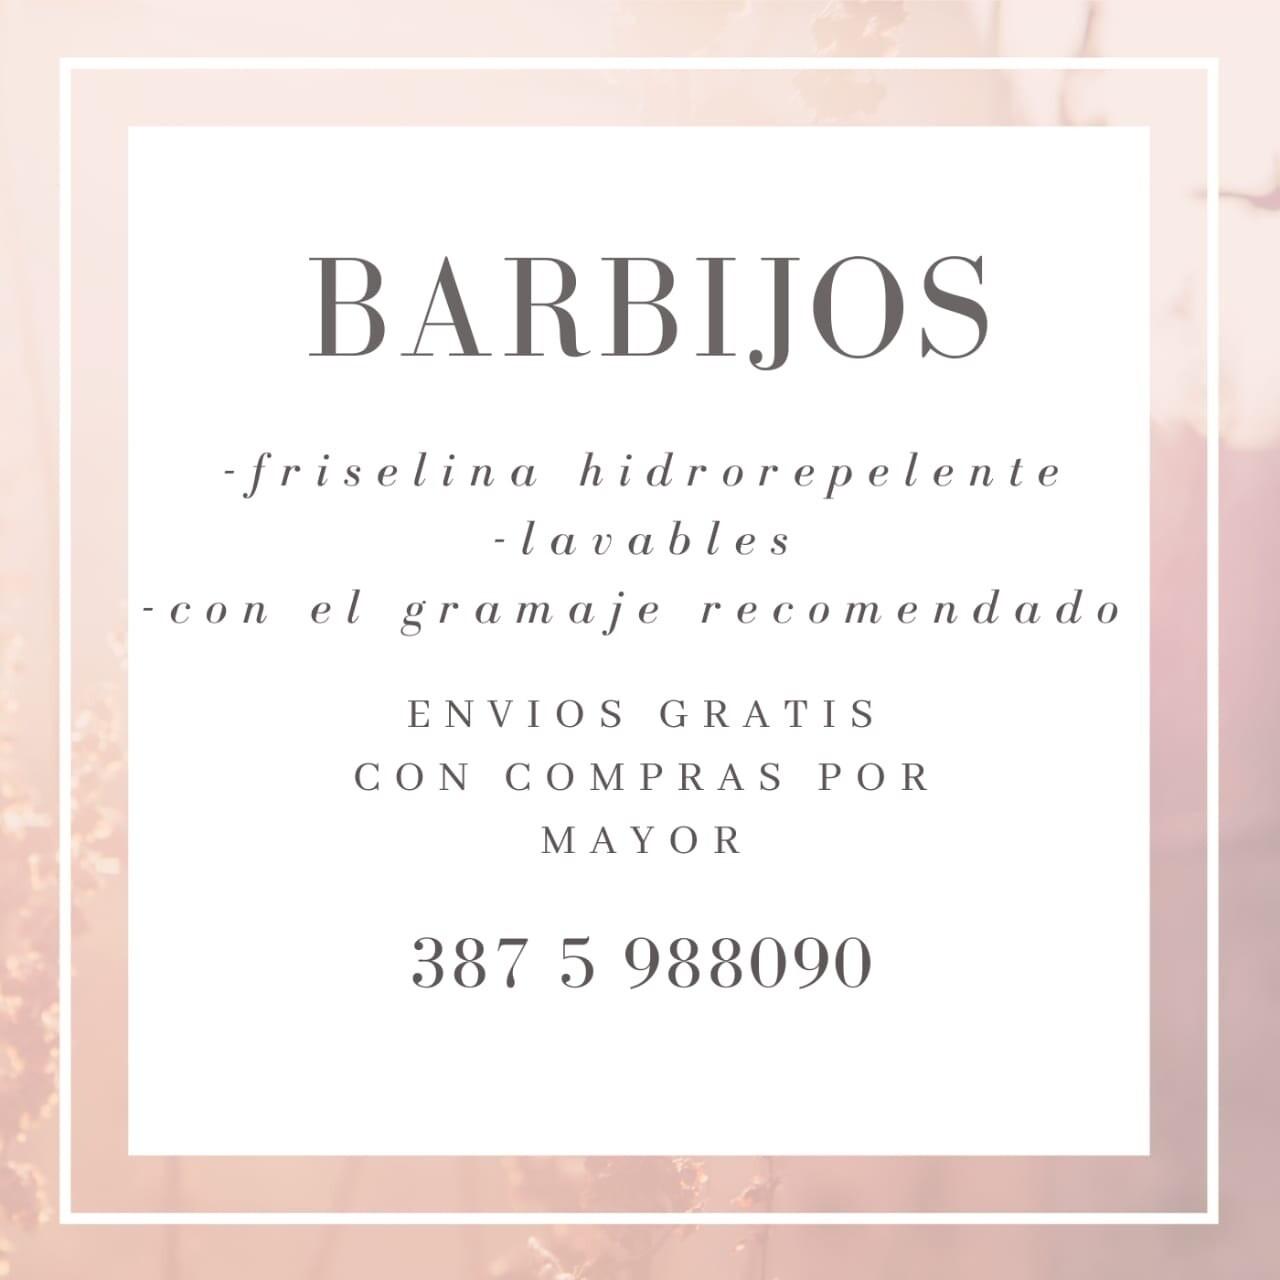 Barbijos